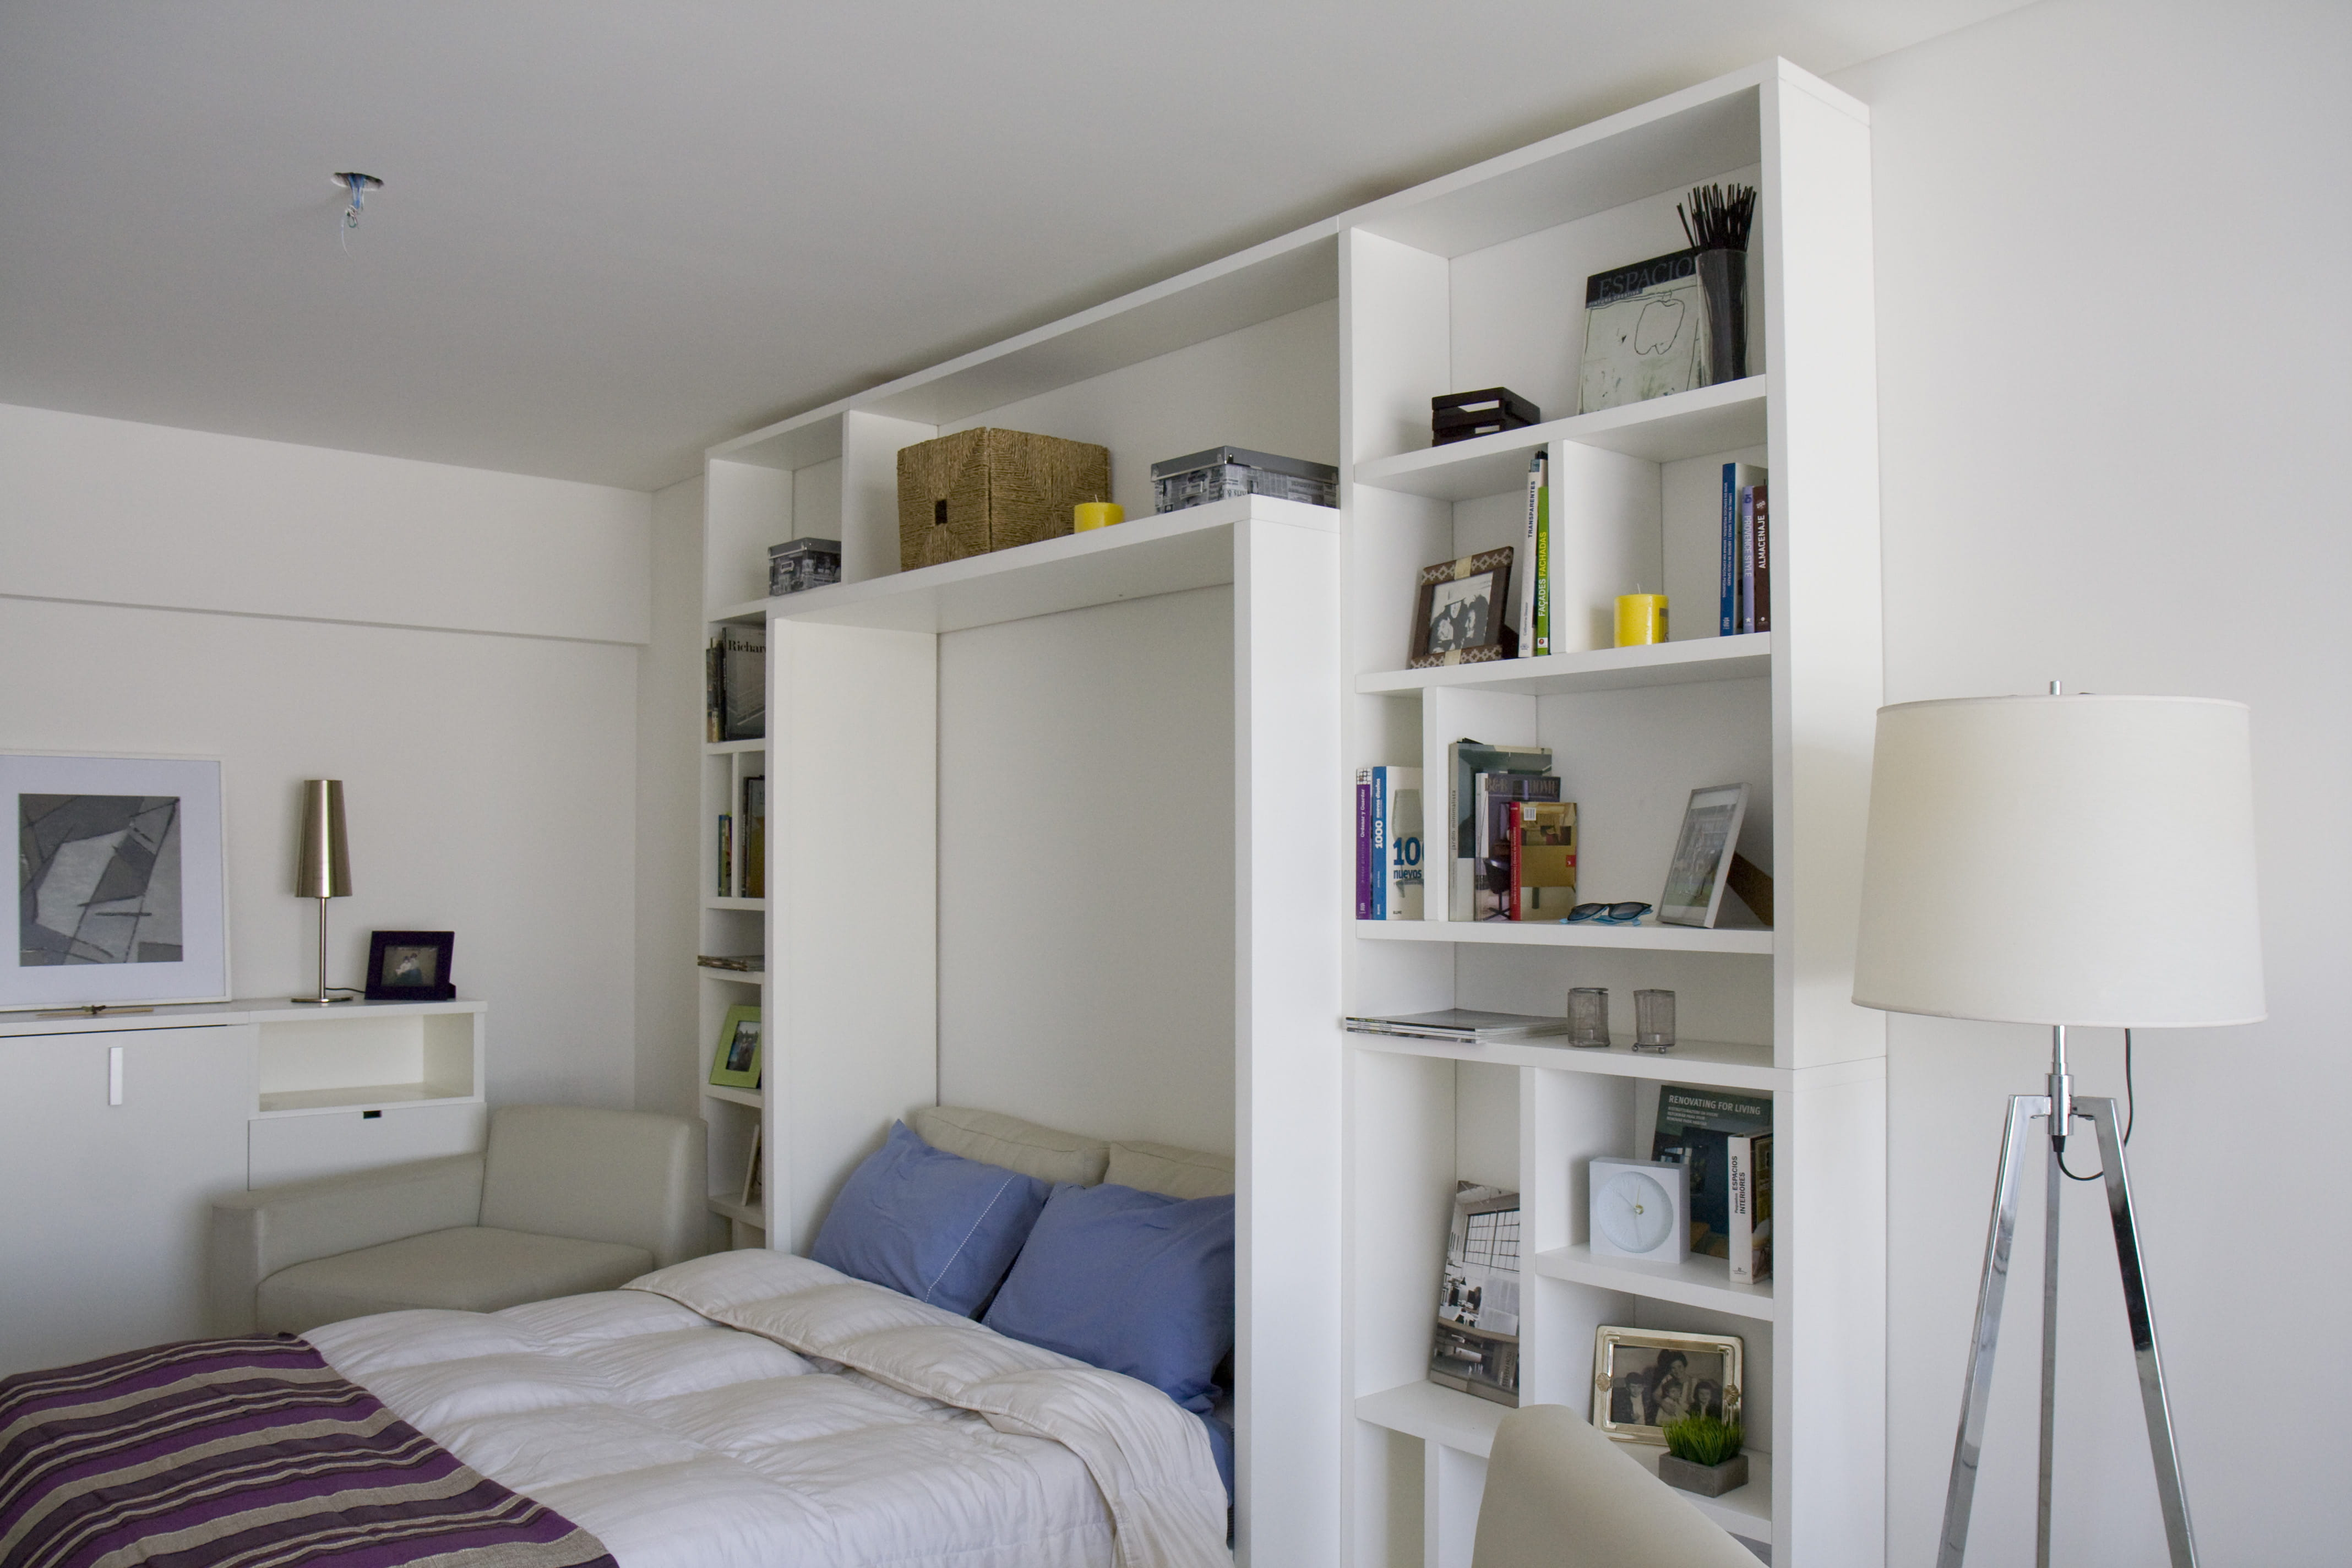 Premier Appartement Liste avec aménager son premier appartement : conseils d'ami pour bien s'installer